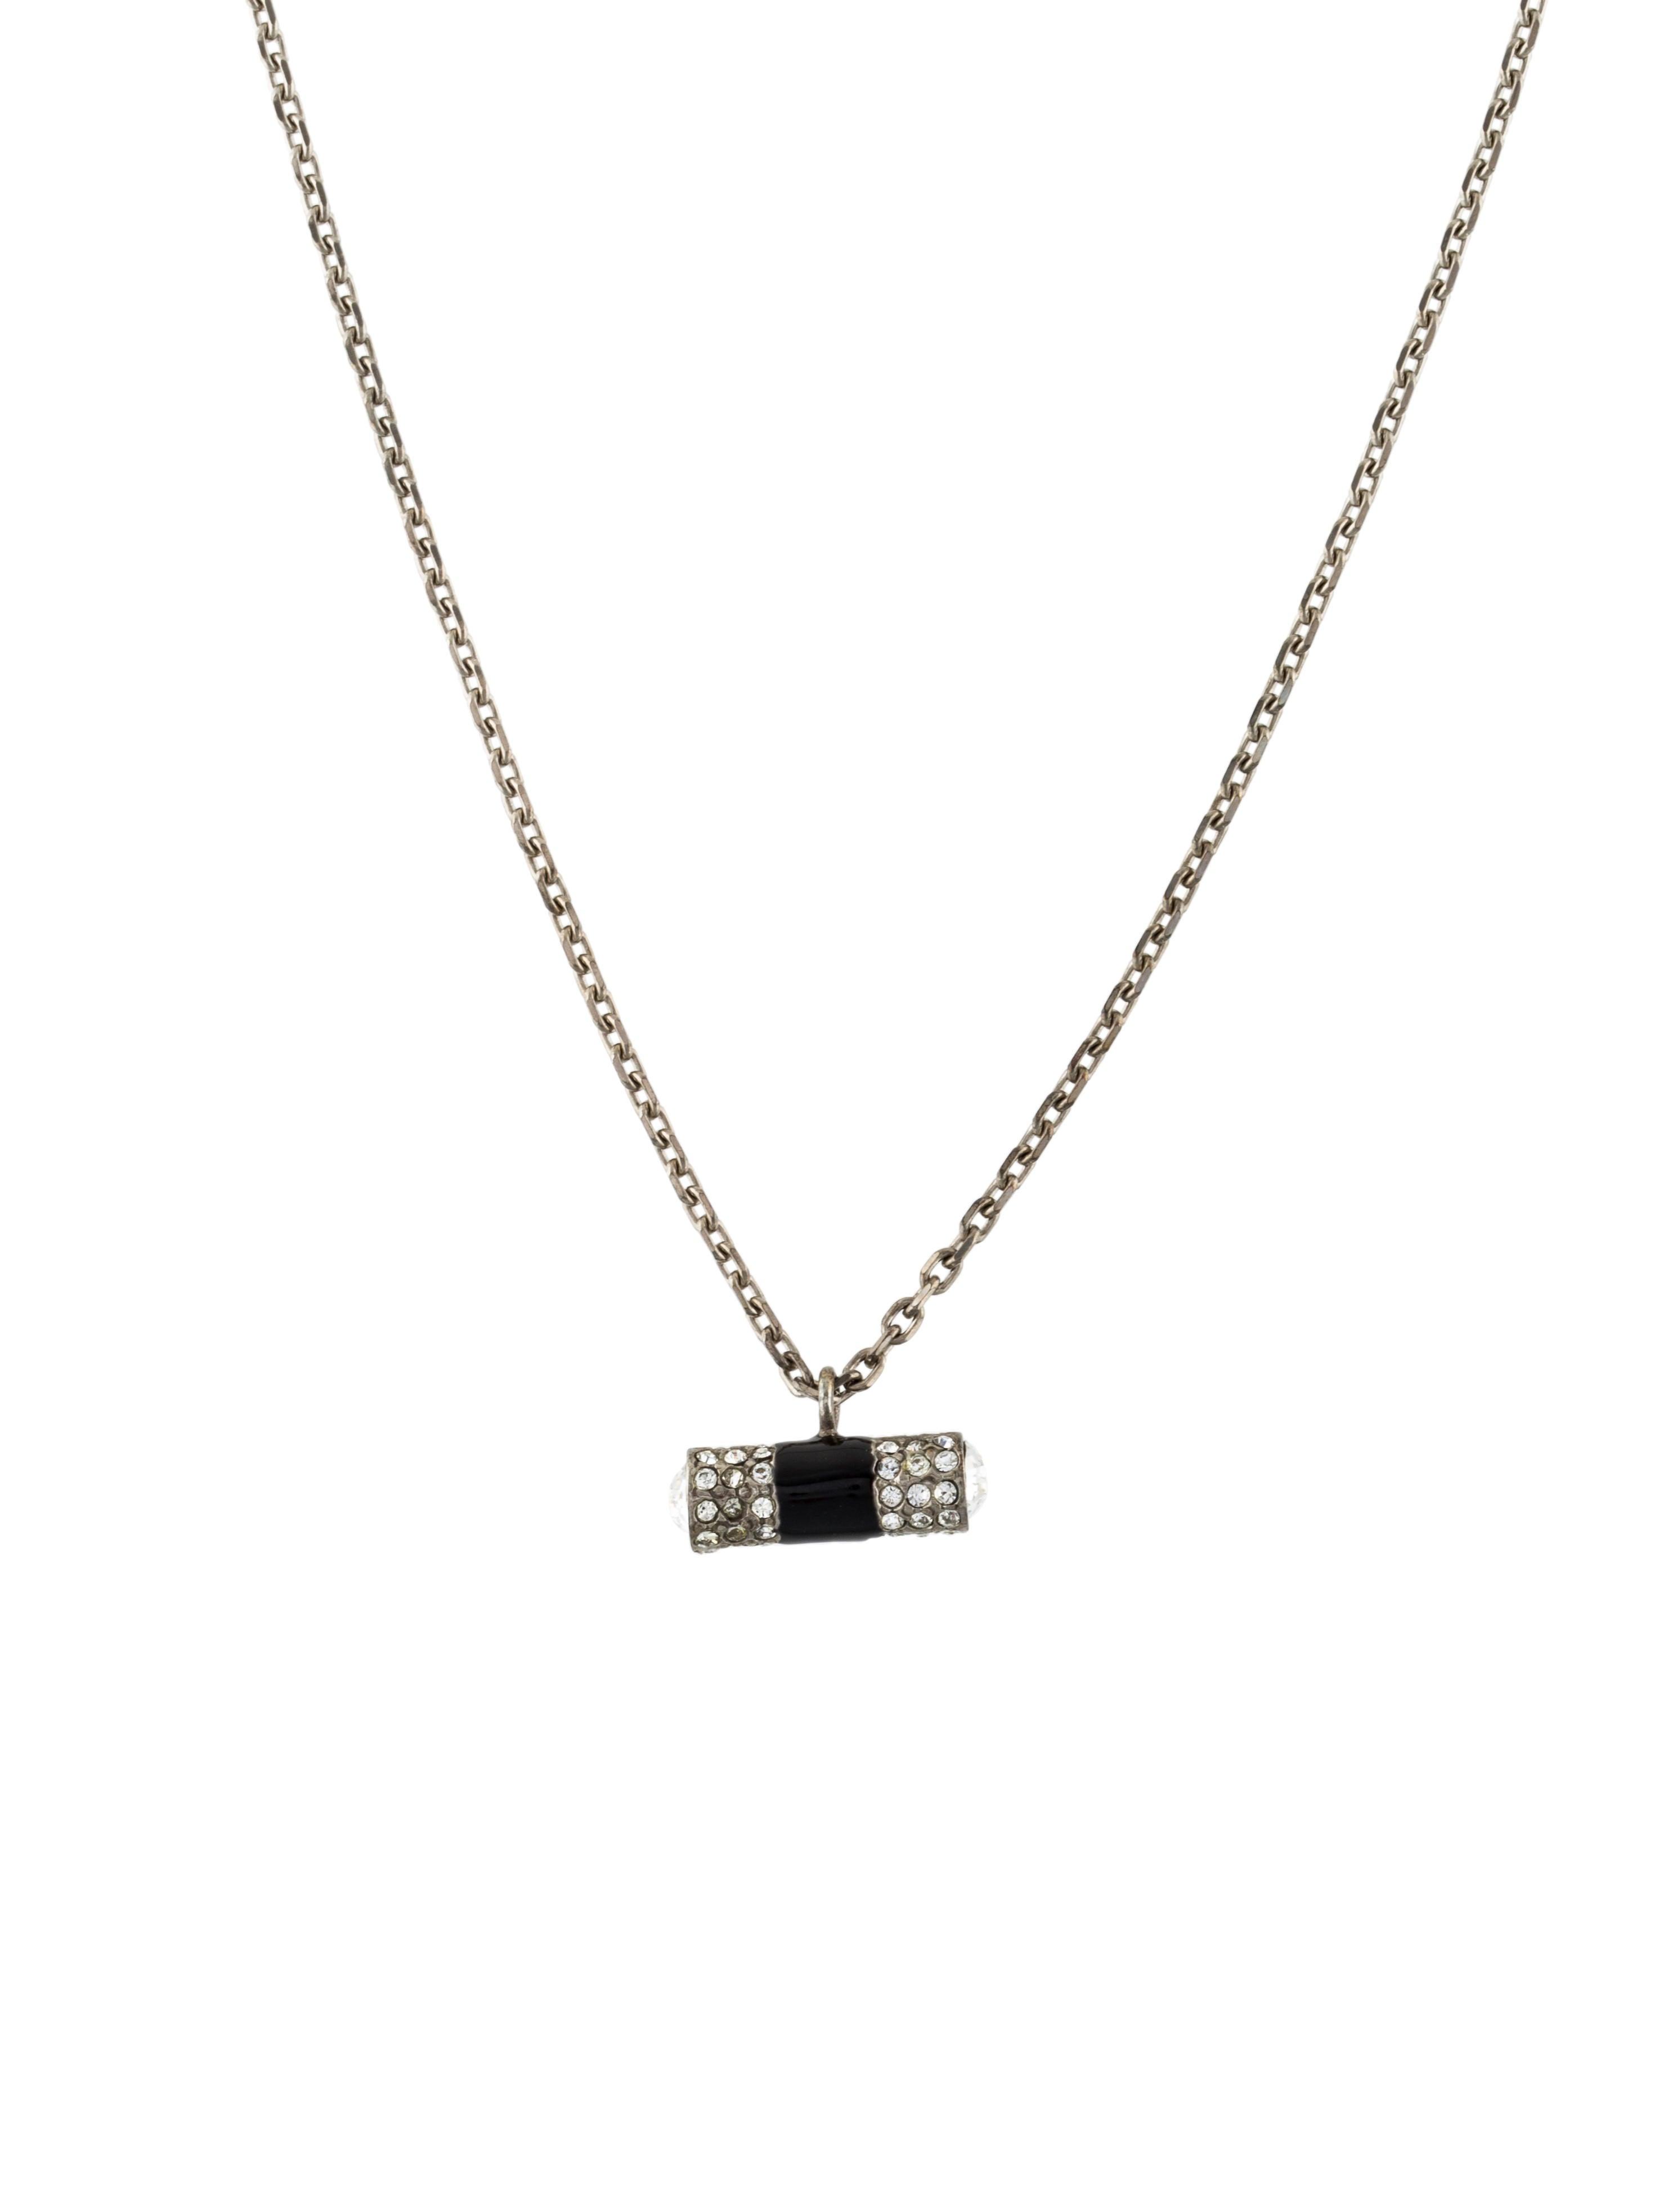 a5d42dff8e3 Yves Saint Laurent Crystal Barrel Pendant Necklace - Necklaces ...